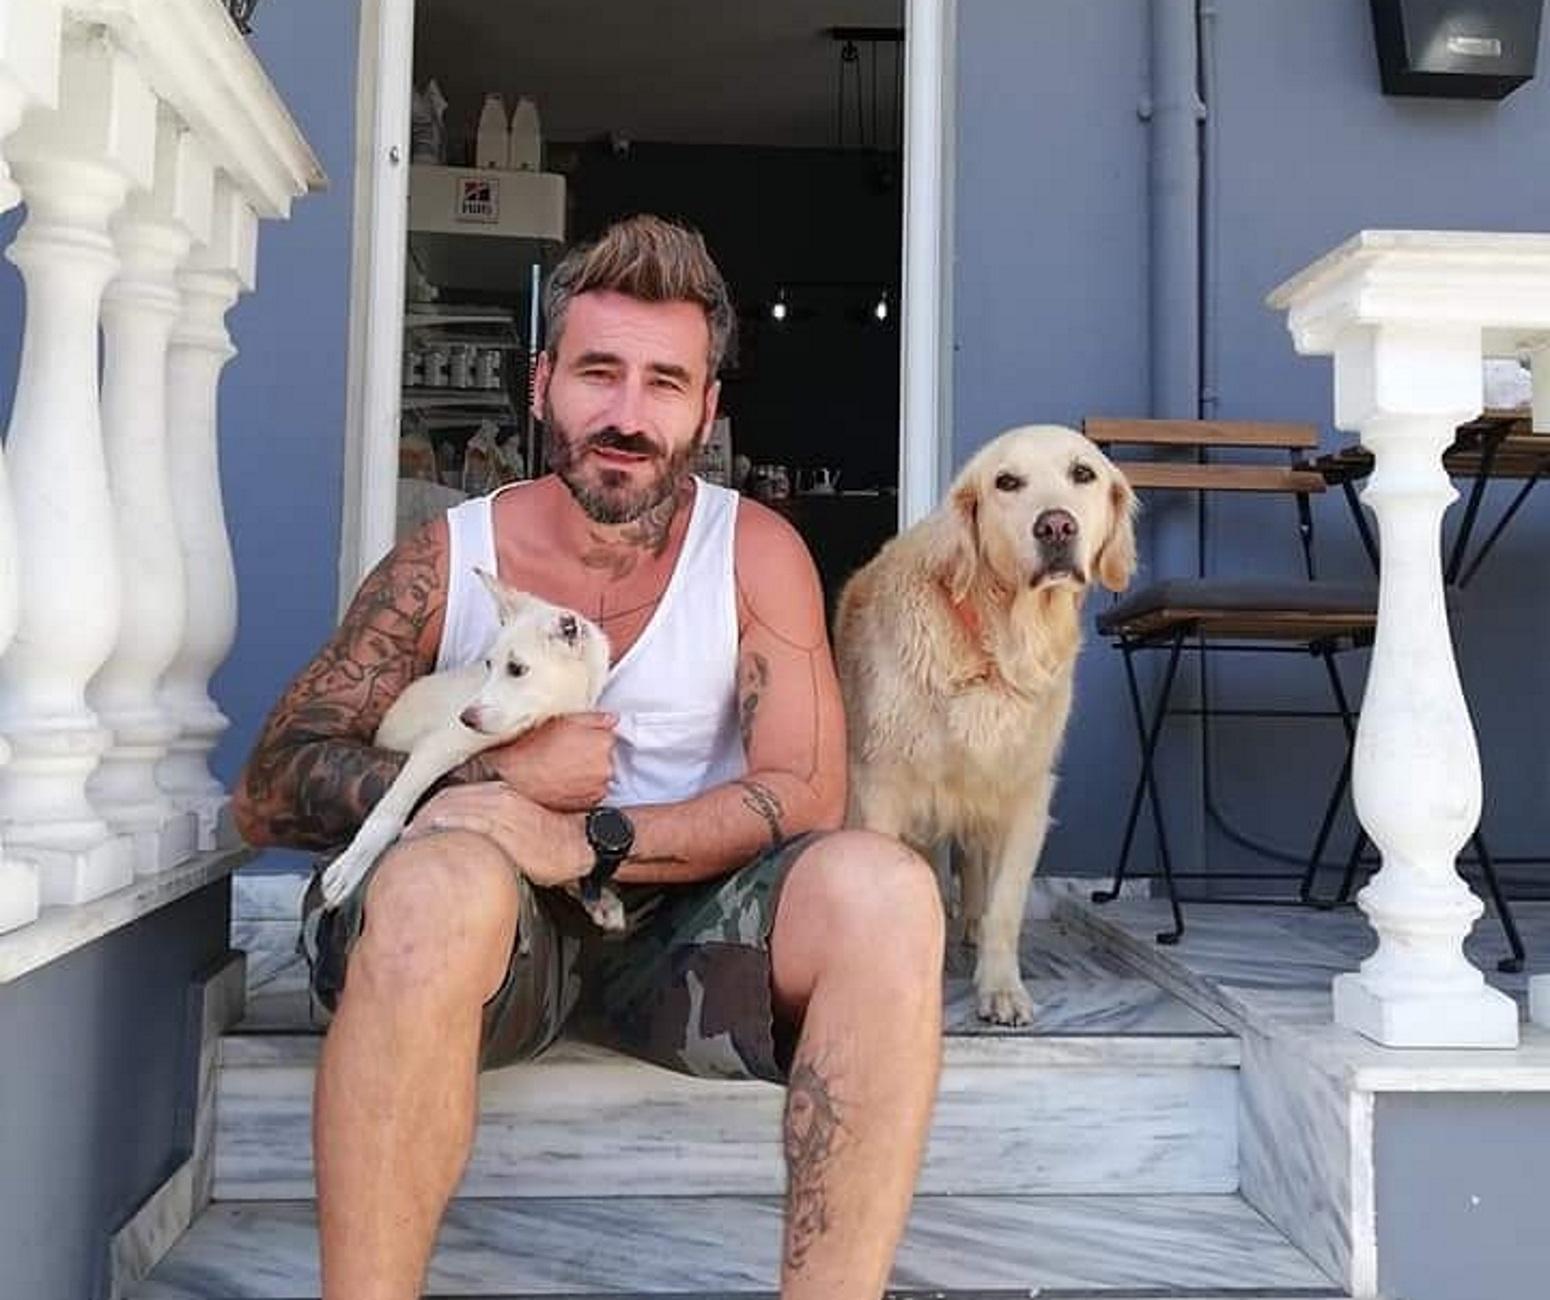 Και επίσημα «μπαμπάς» της Παλόμα ο Μαυρίδης - Νέα στοιχεία για τα μαρτύρια που πέρασε η σκυλίτσα [pics]